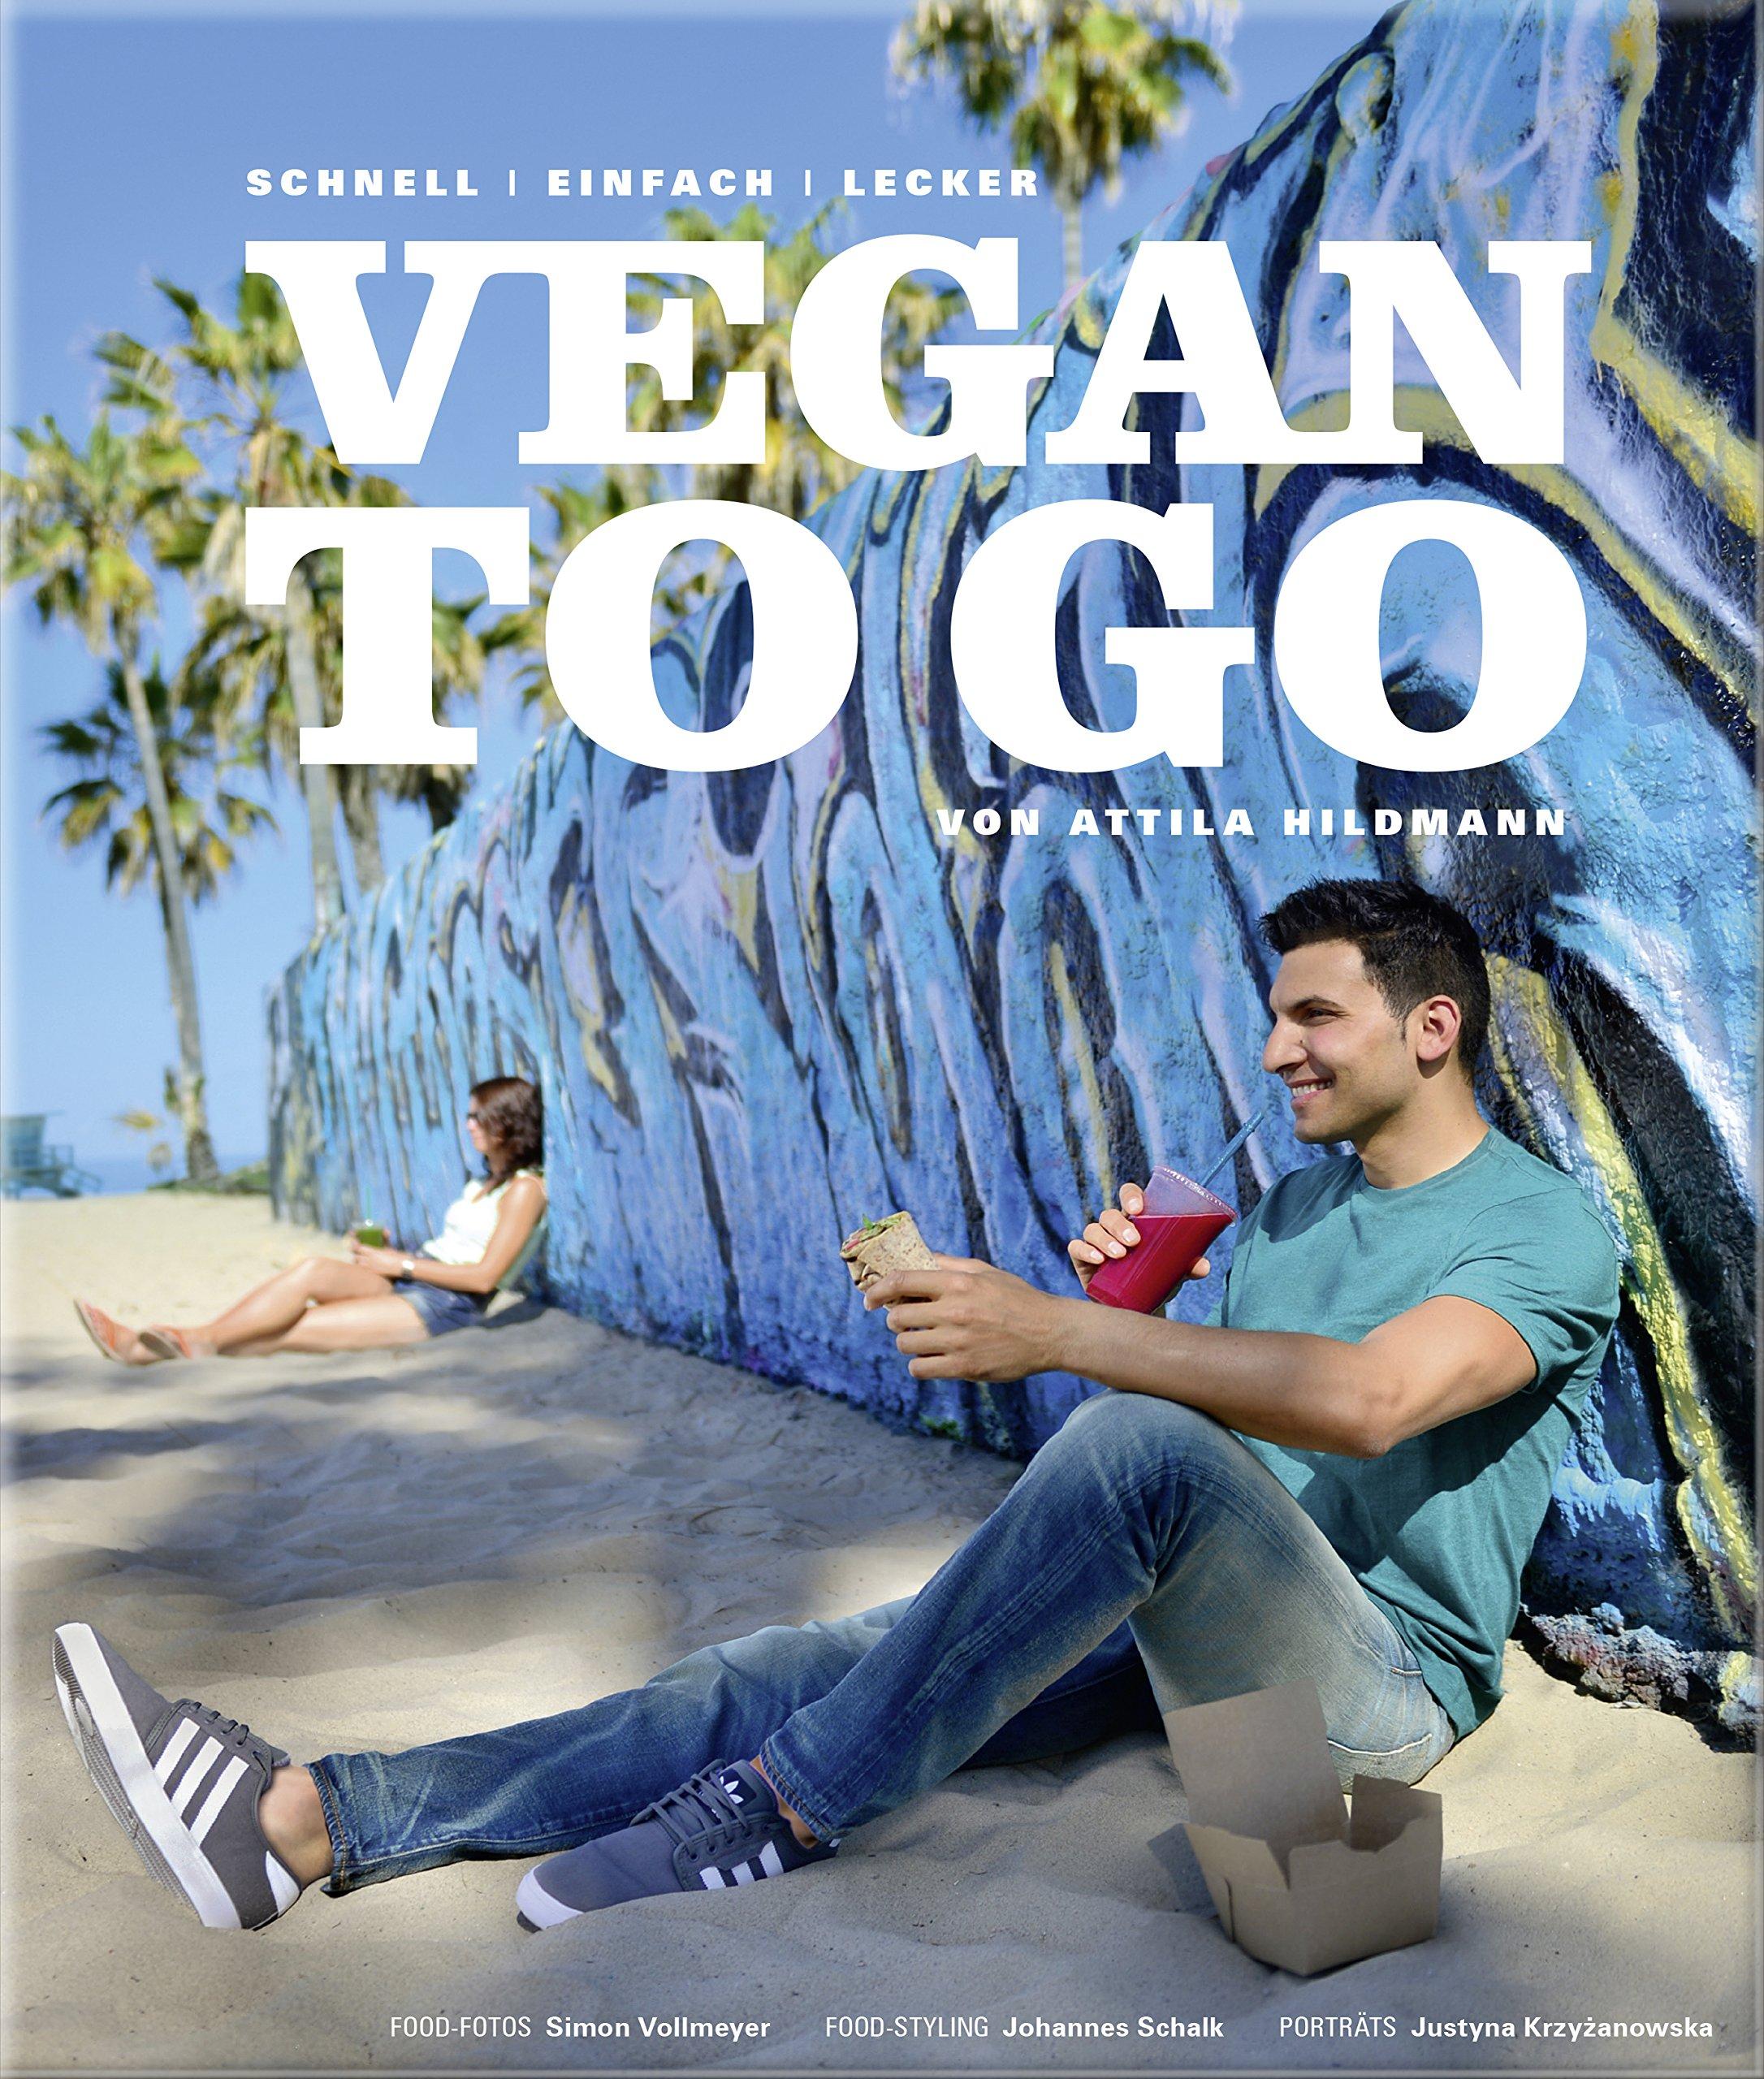 Vegan to go schnell einfach lecker vegane kochbücher von attila hildmann amazon de attila hildmann simon vollmeyer fotografie johannes schalk